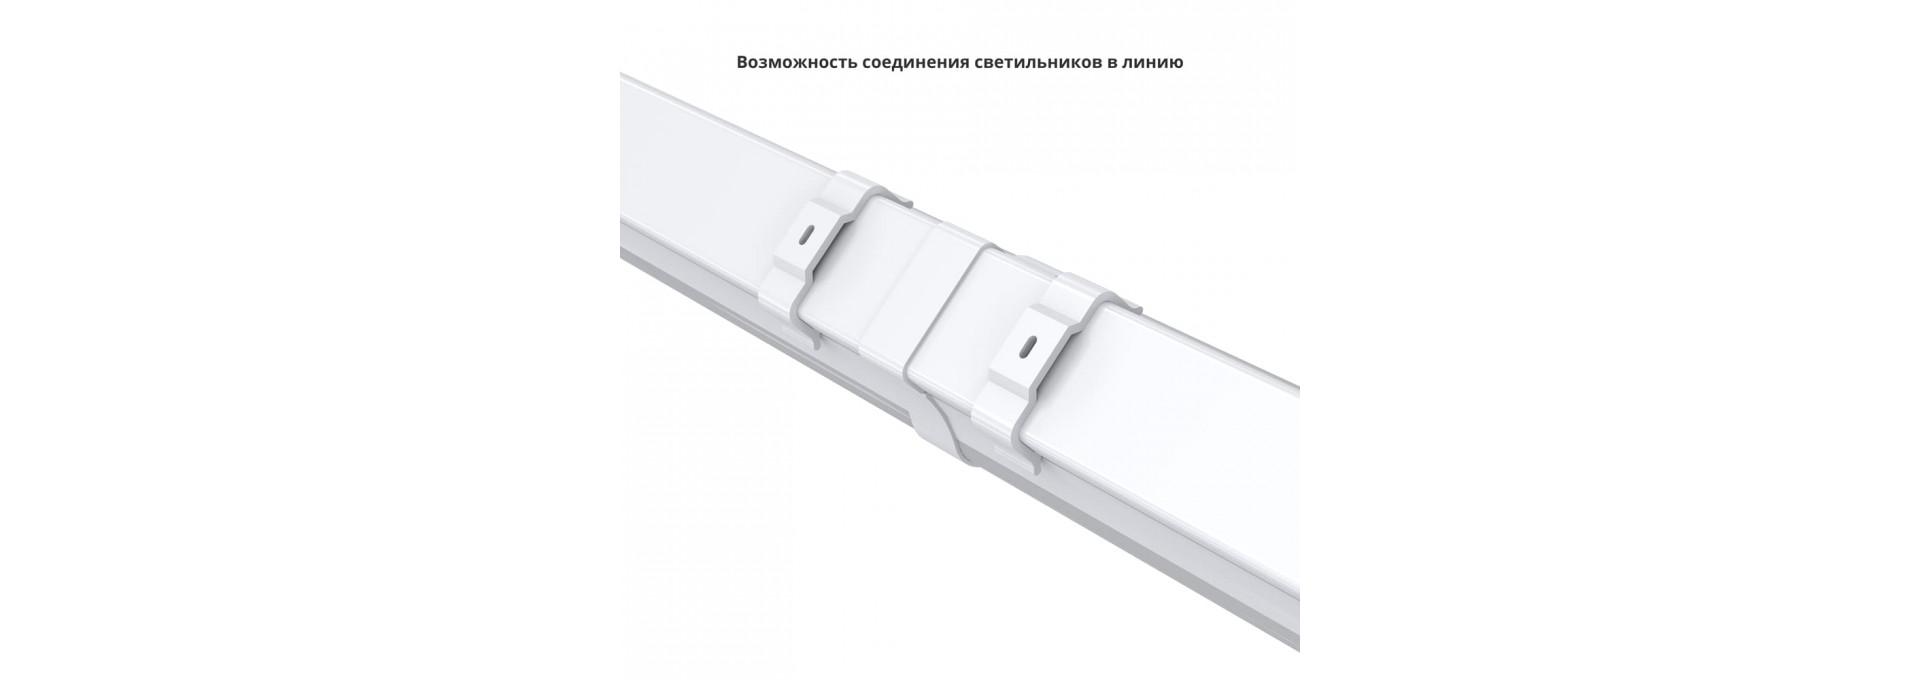 Айсберг v2.0 20 600мм ЭКО Л 3000К Прозрачный